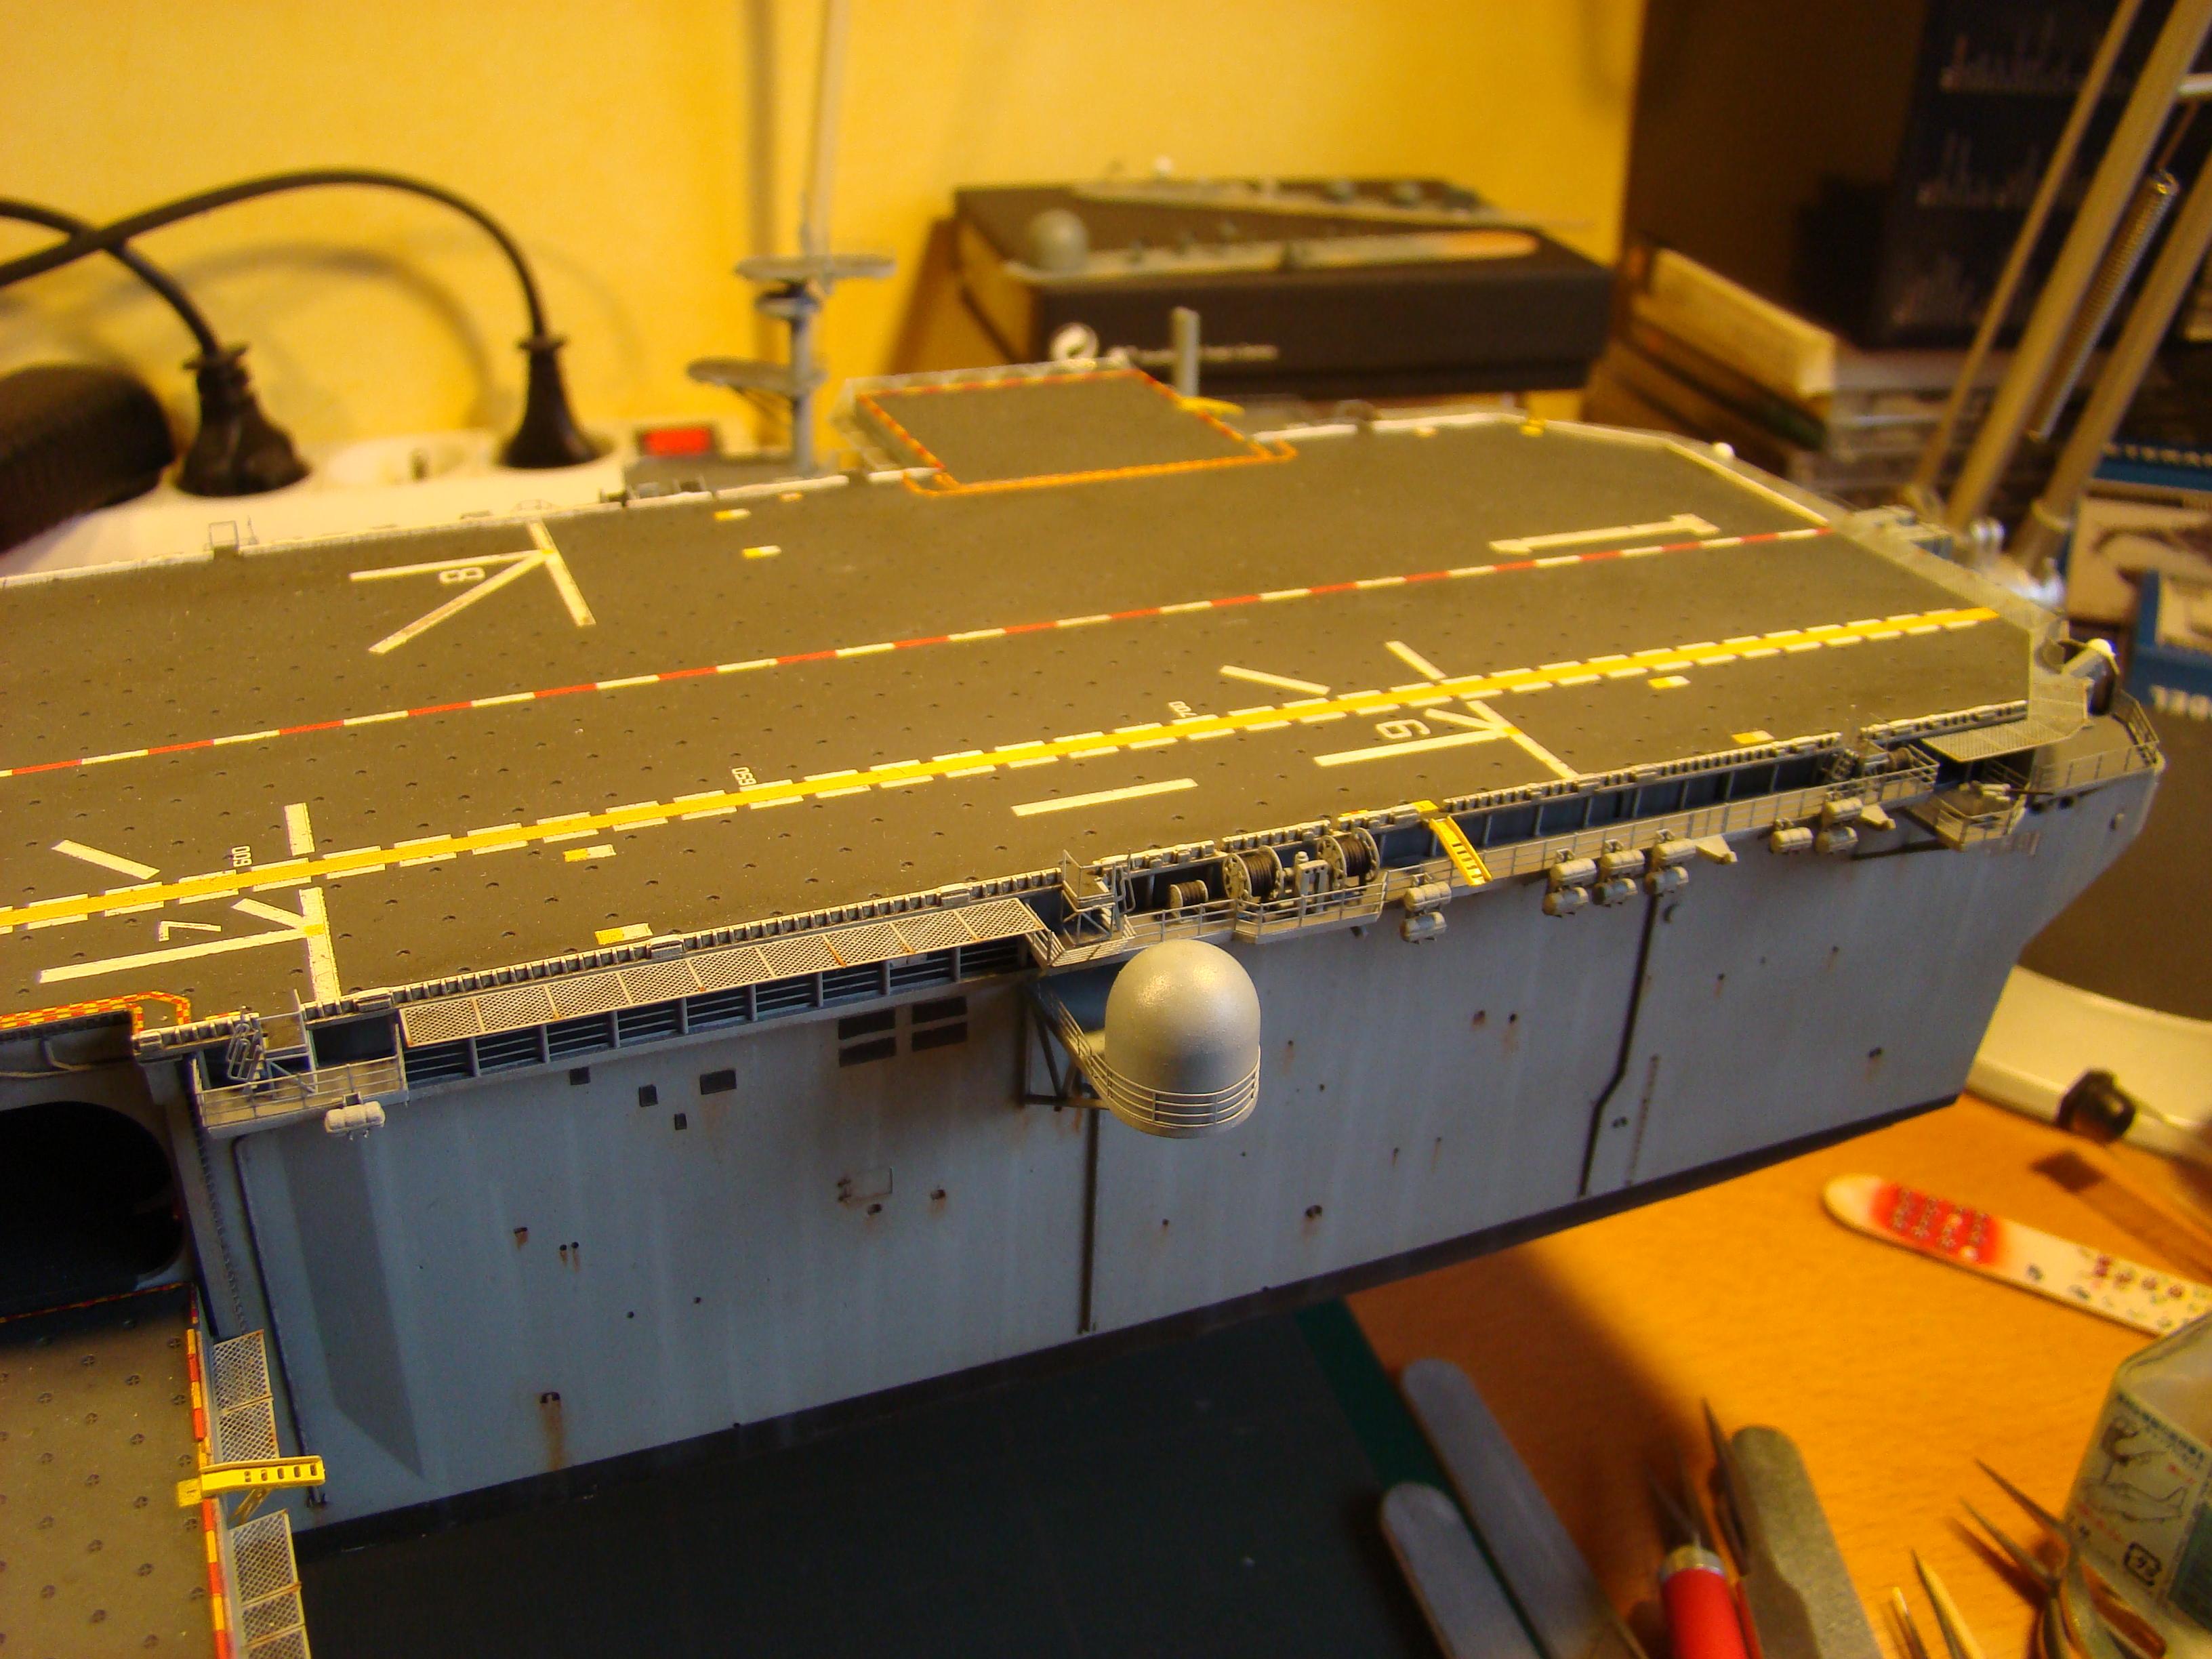 USS WASP LHD-1 au 1/350ème - Page 3 Dsc09103c